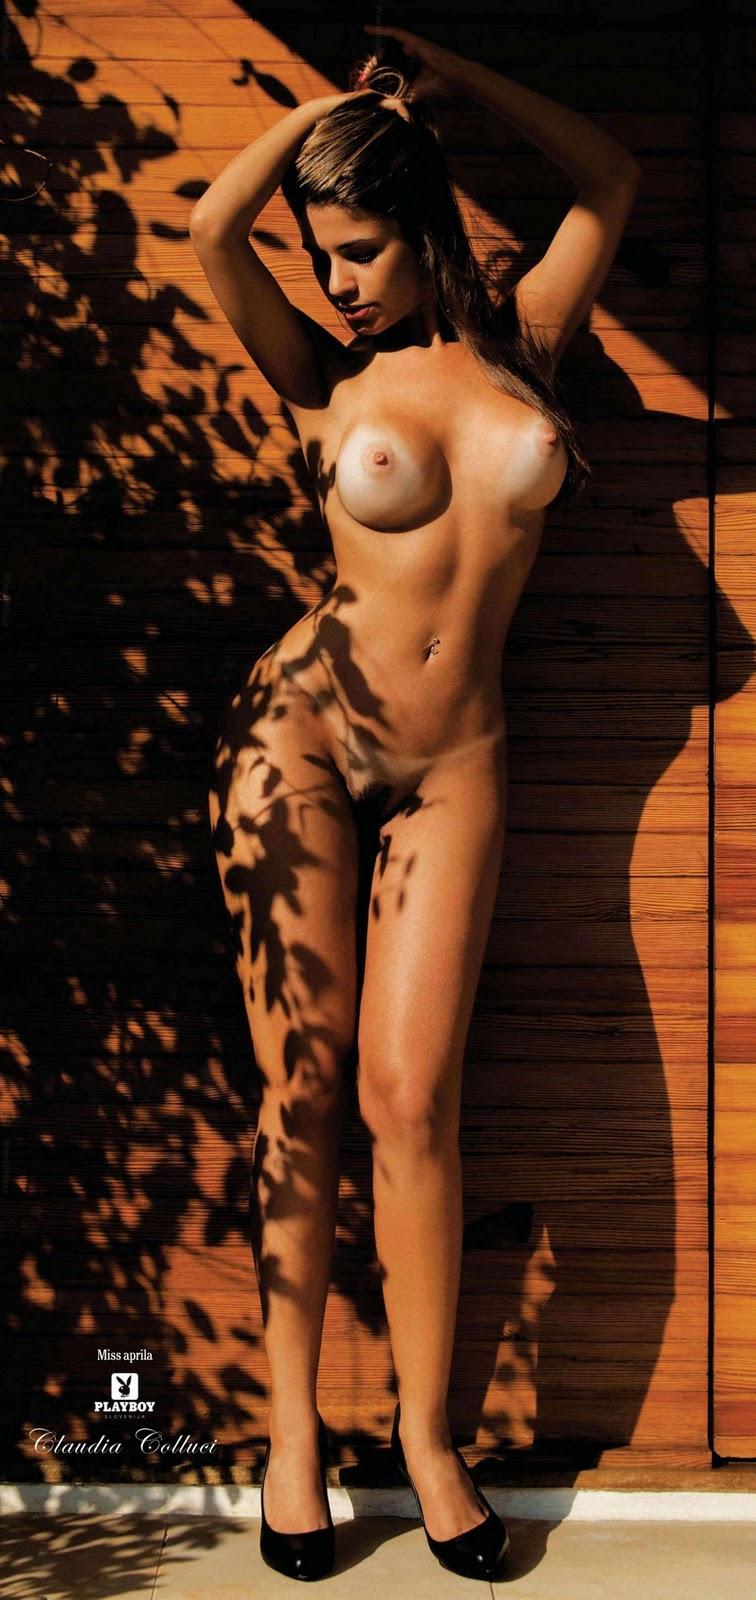 Fotos de desnudos de Adam Lambert filtradas en